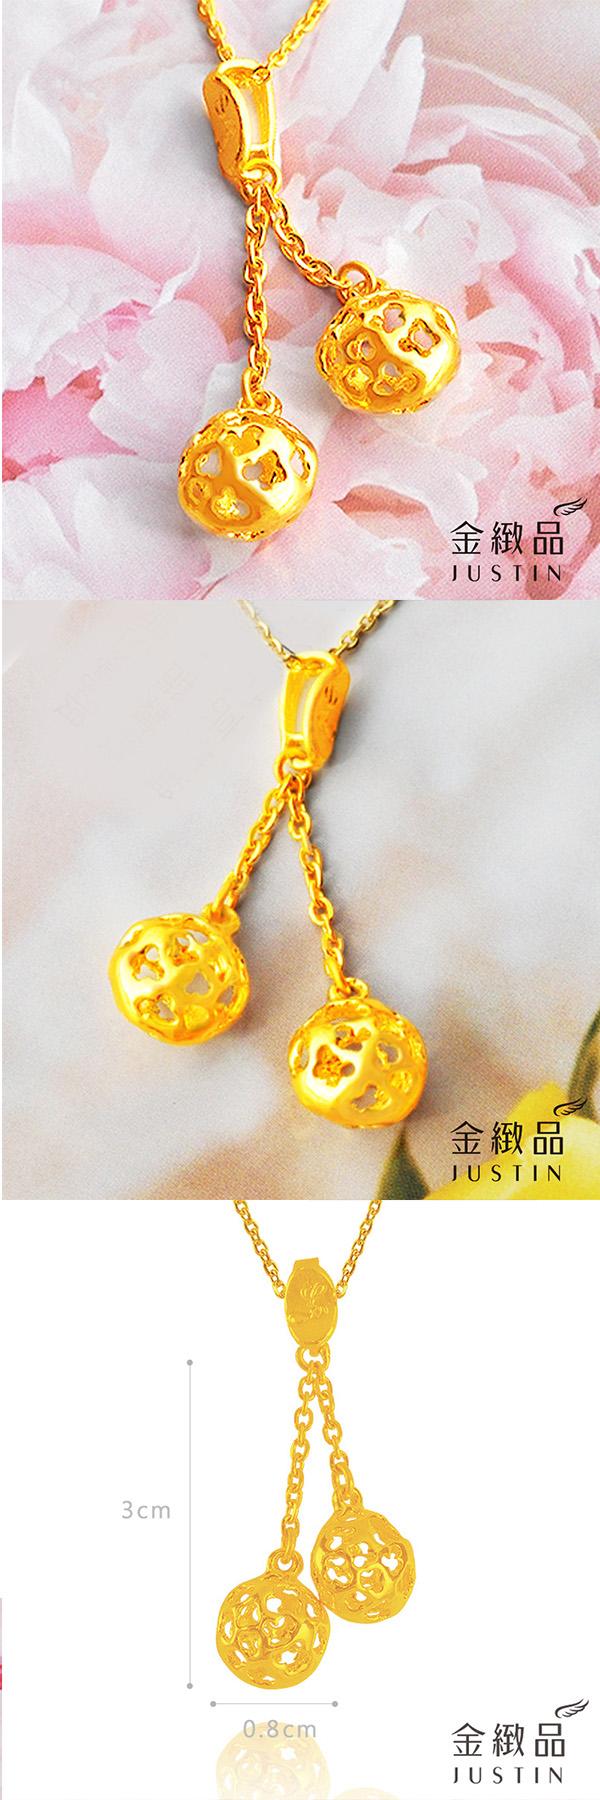 金緻品,金製品,黃金價格,金飾,金飾價格,黃金飾品,金飾店,純金,金飾品牌,黃金投資,黃金墜子,黃金墜飾,玲瓏轉運,經典鑽球